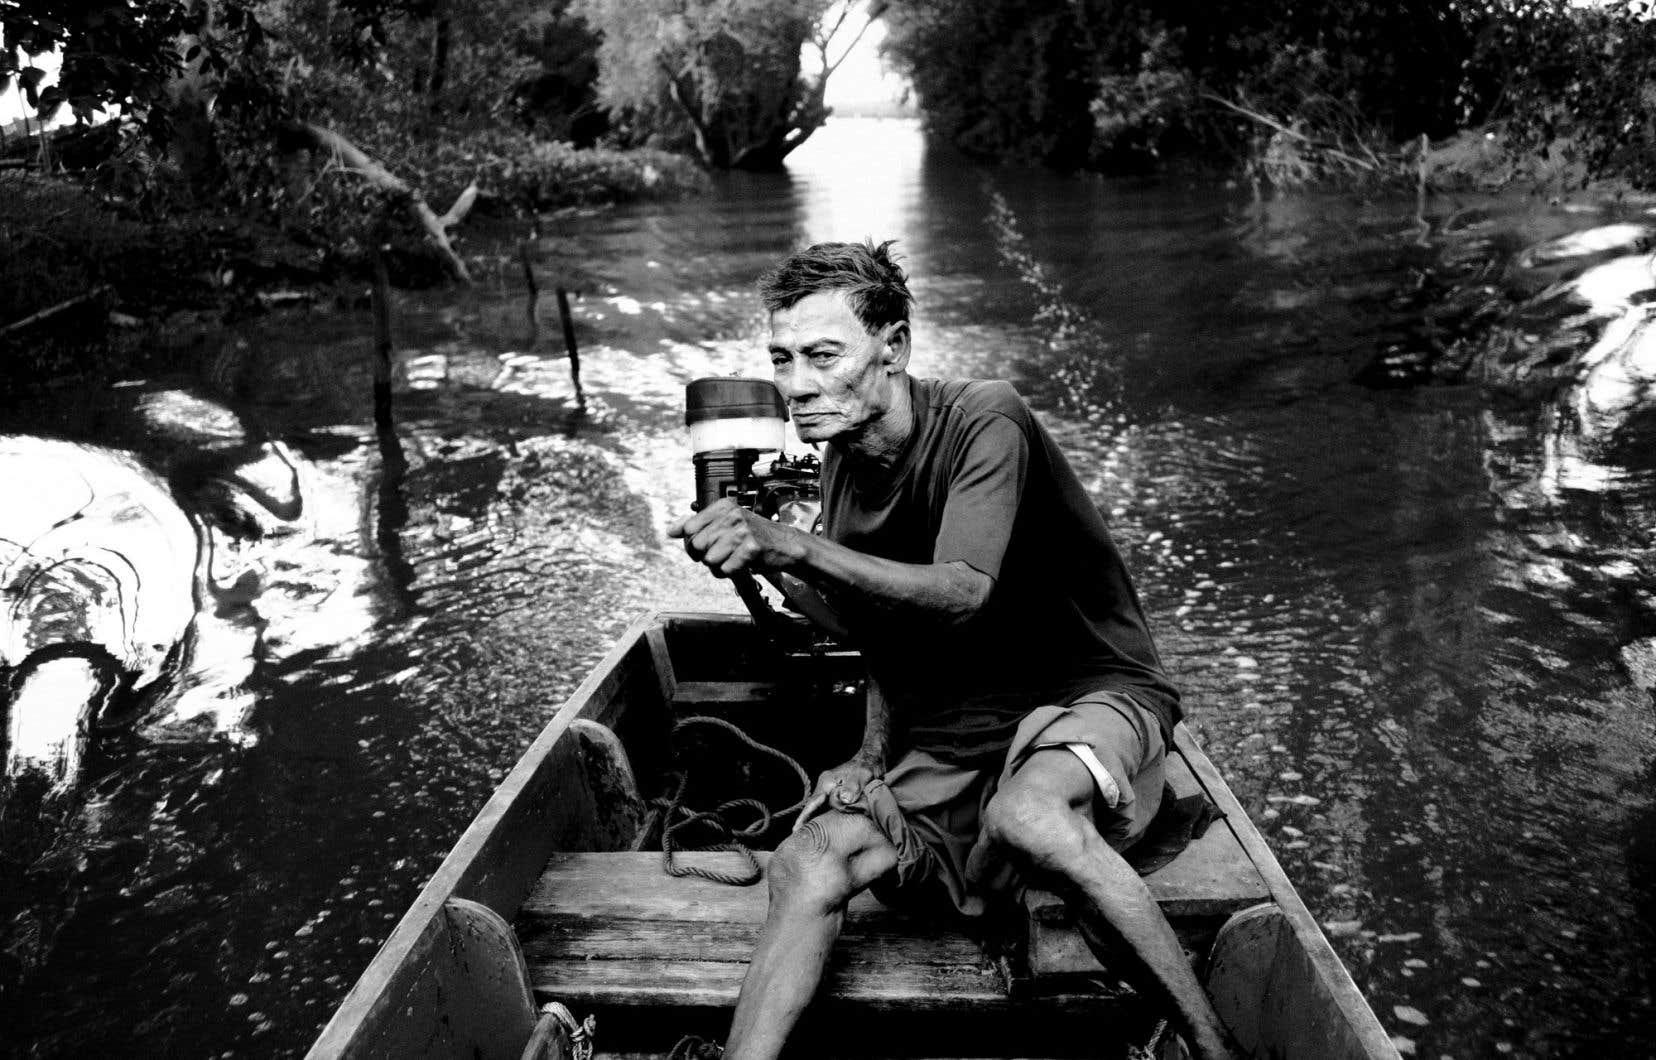 Derrière ses allures de petit village thaïlandais idyllique, Khun Samut Chin subit les affres du réchauffement climatique en s'enfonçant année après année dans l'eau, au profit de la hausse du niveau des mers. Cet homme navigue dans le village, dont les contours se sont effacés de plusieurs dizaines de mètres au fil des décennies.